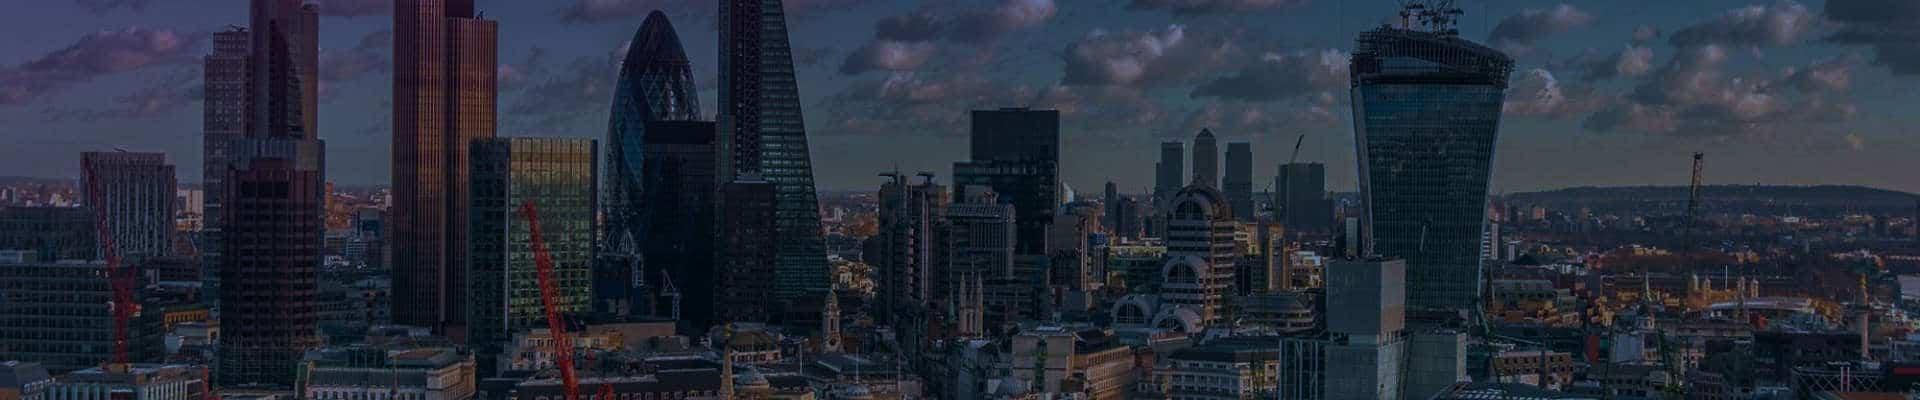 Miesto vaizdas